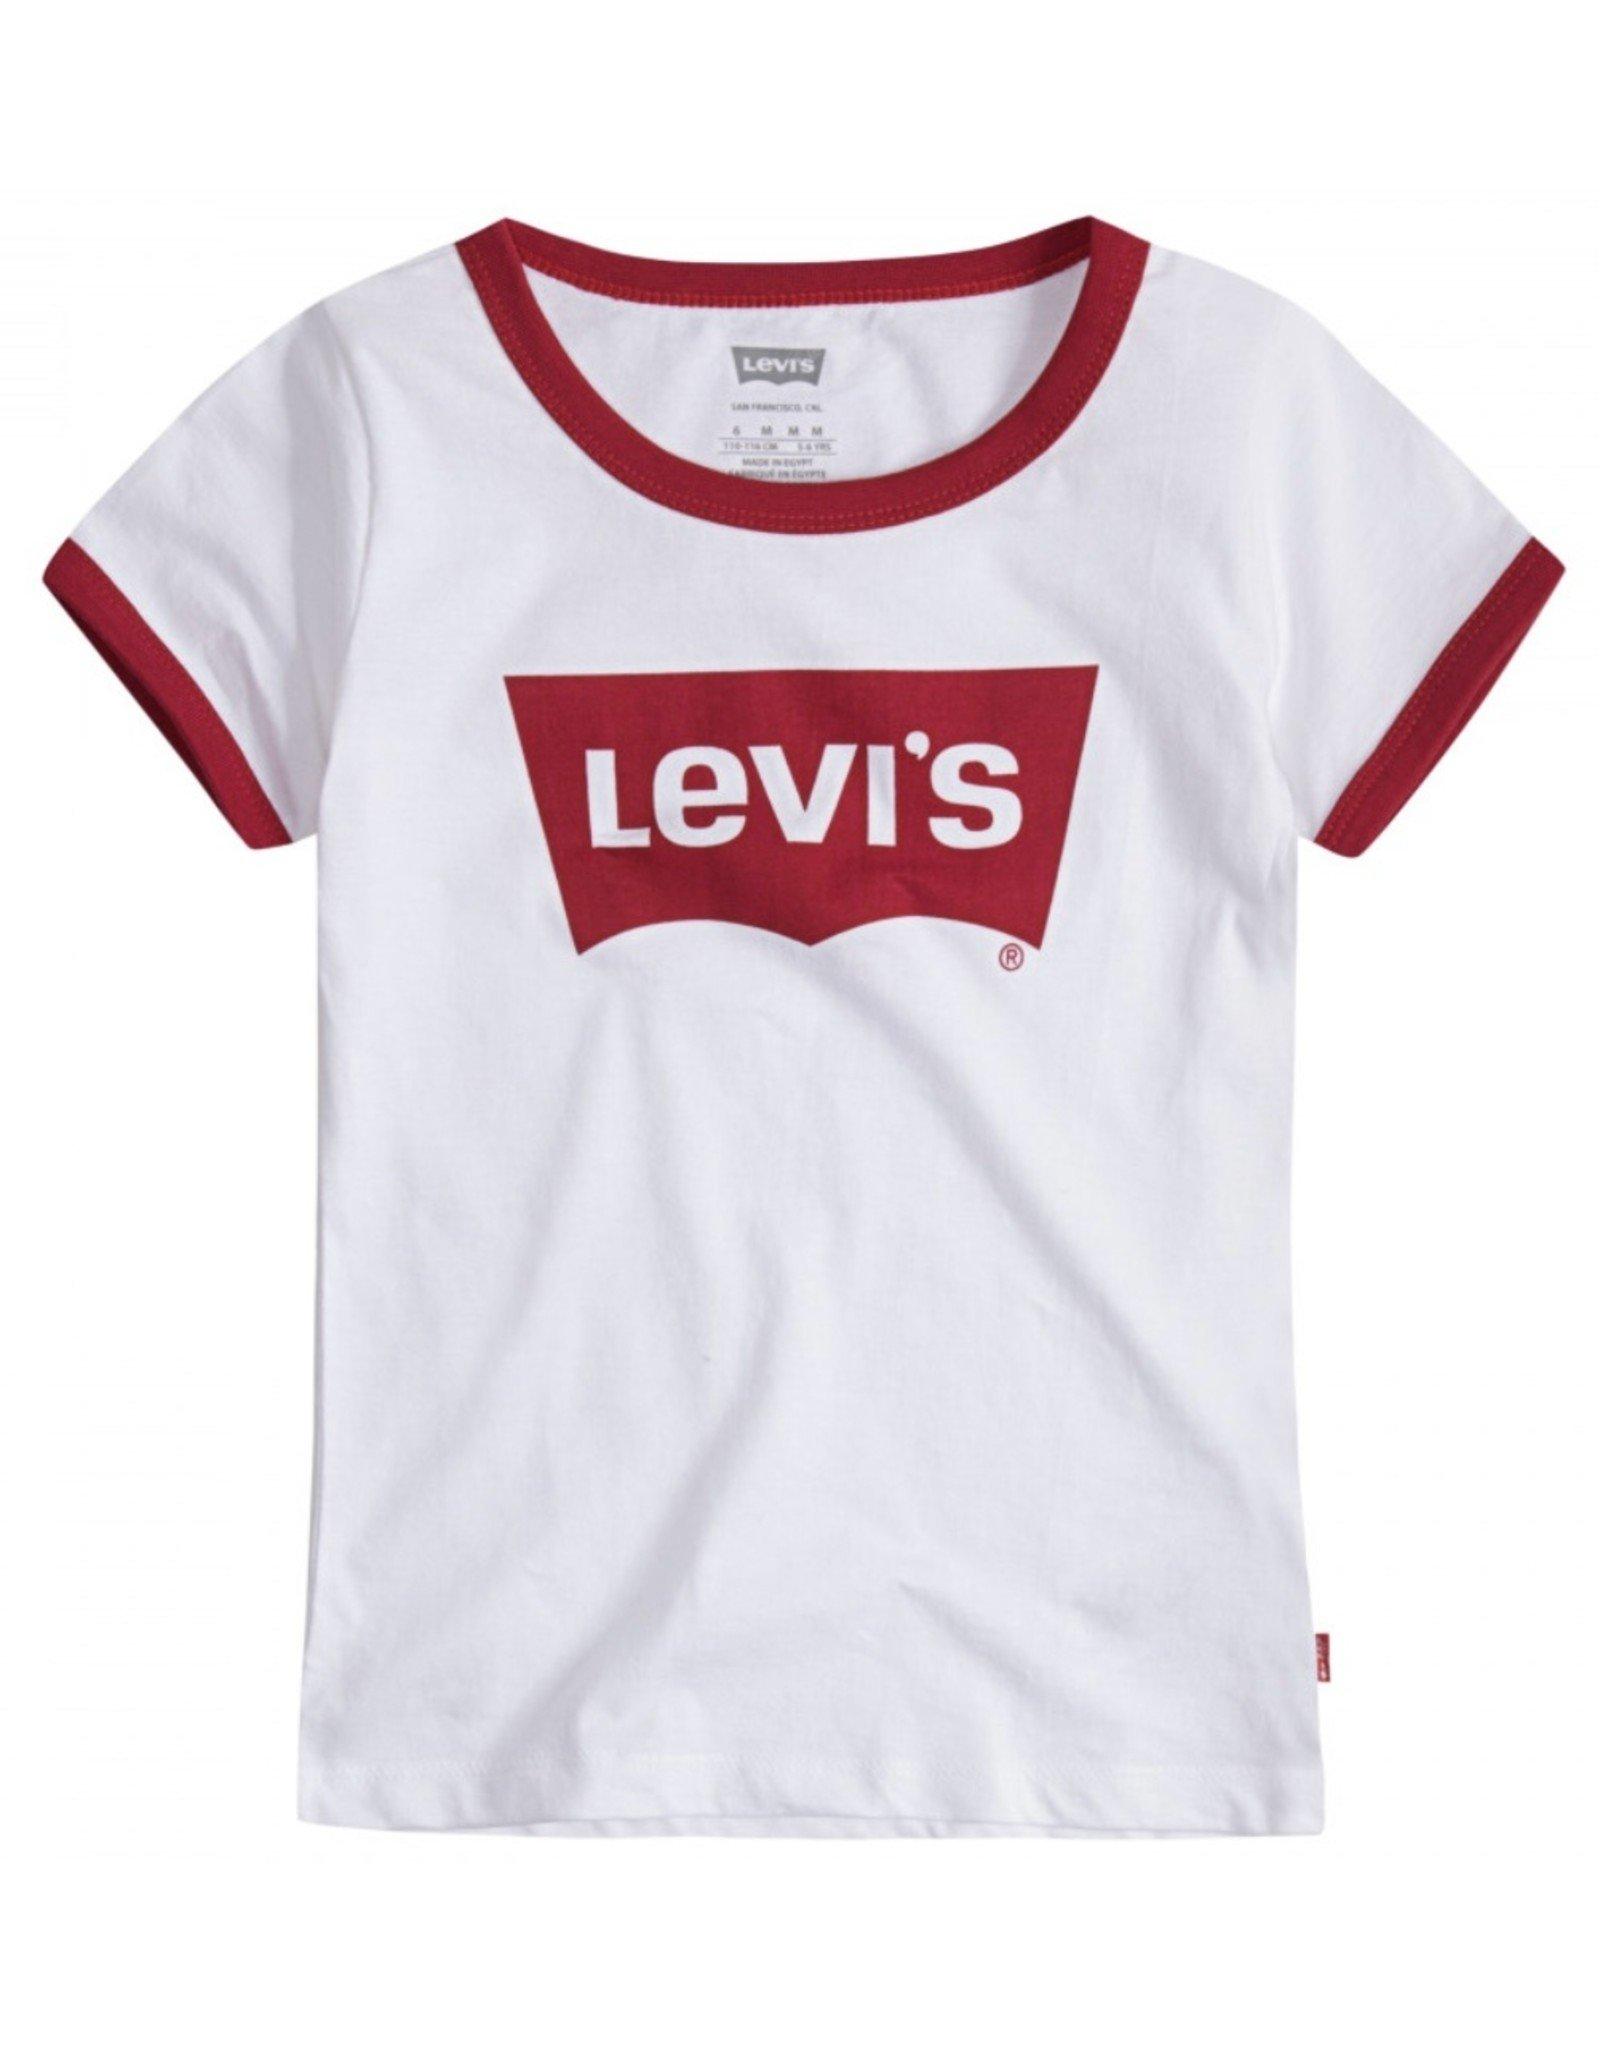 levi's 4E4653 T-Shirt